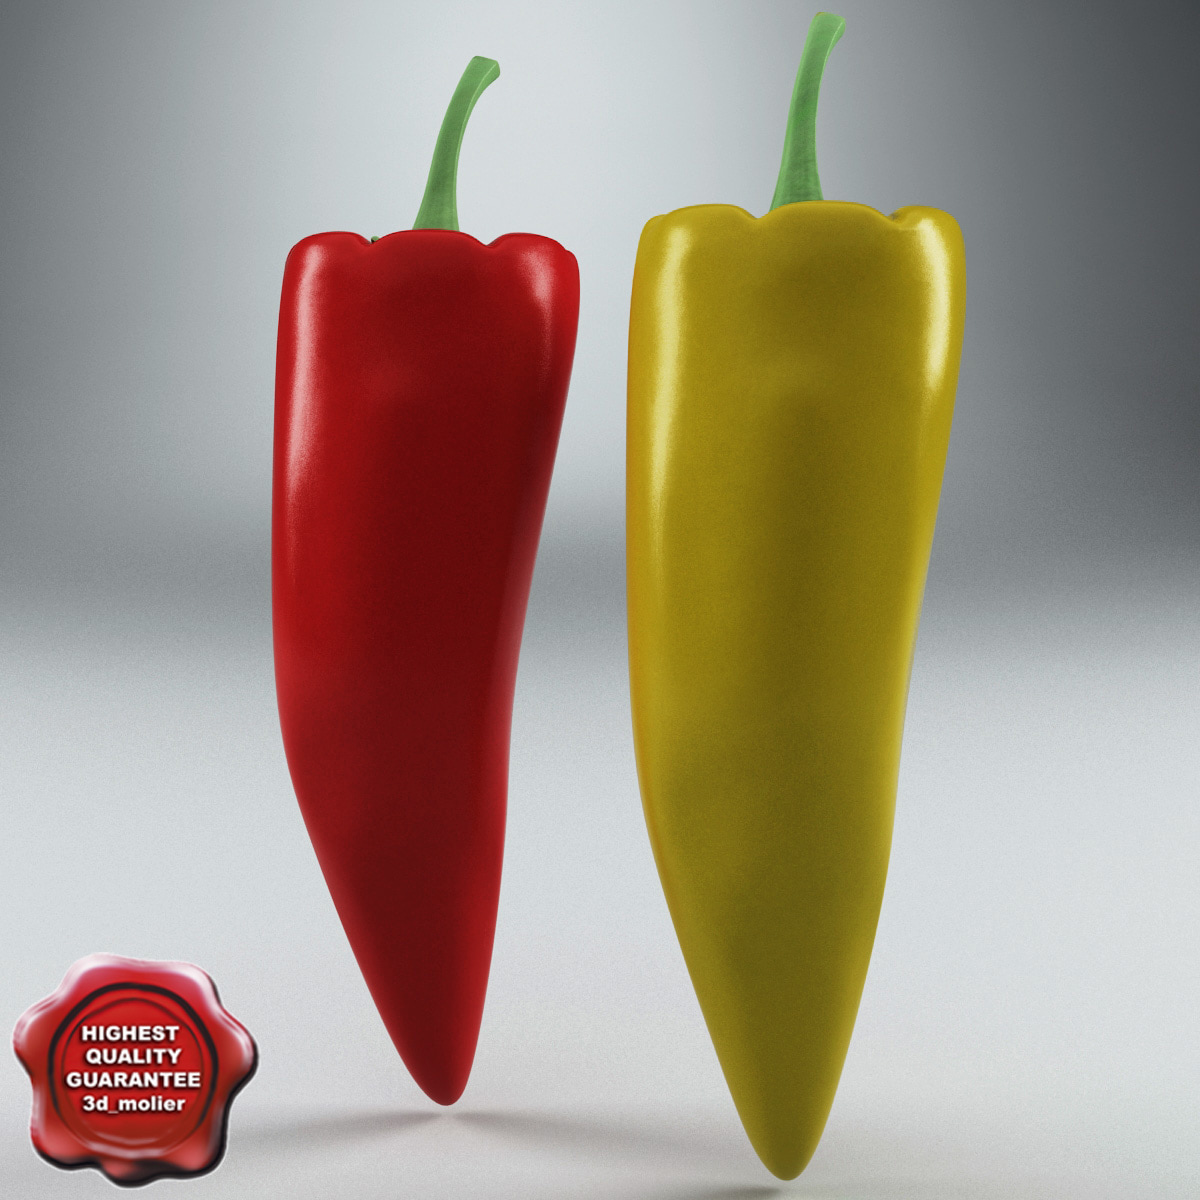 Pepper_Hot_00.jpg